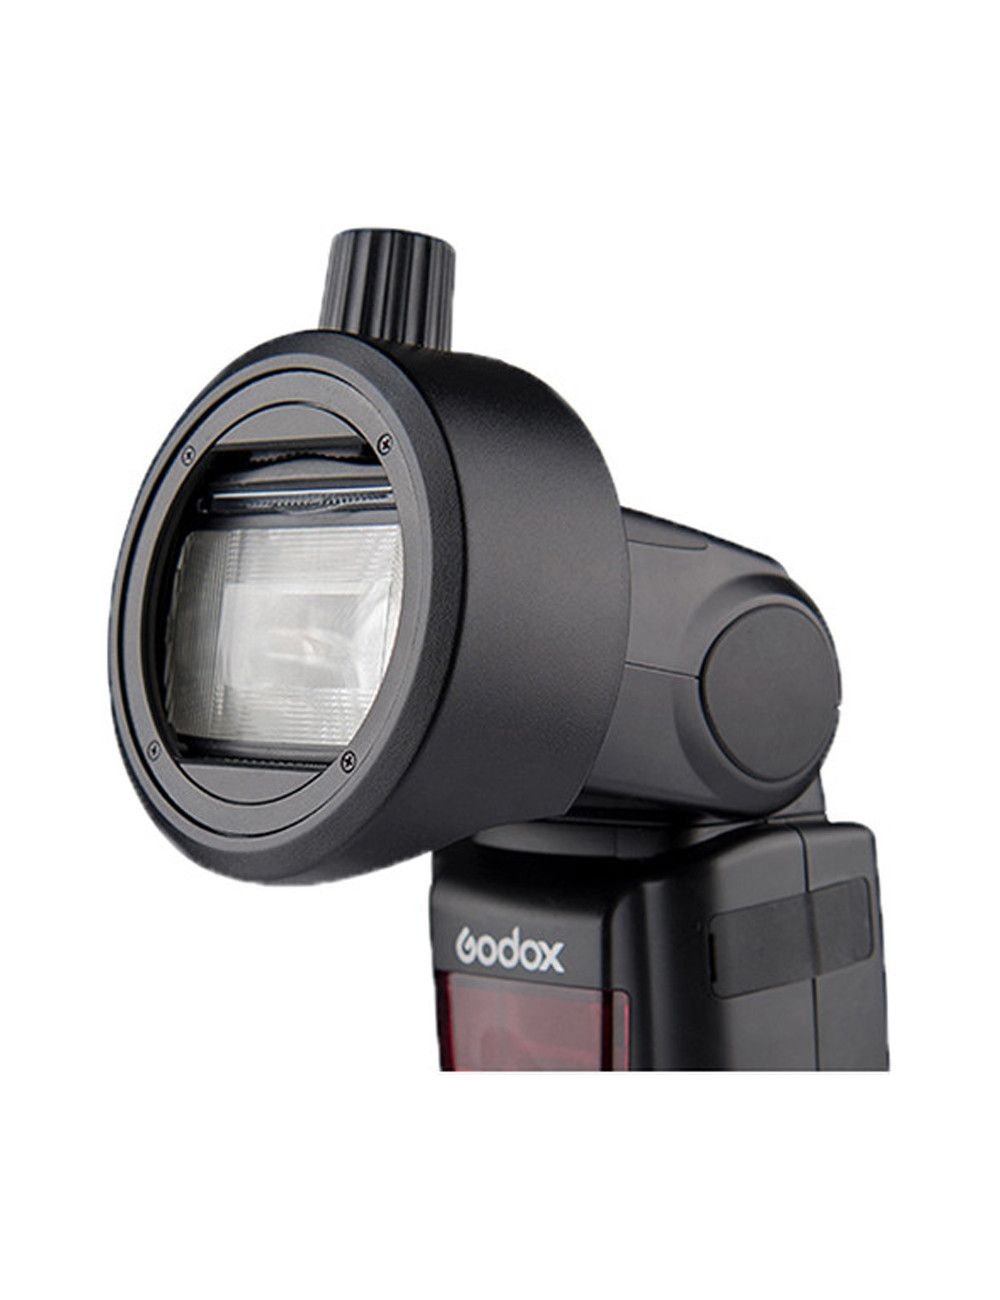 RODE NT-SF1 Micrófono 360° Ideal Para Trabajos en VR en Chile Apertura.cl